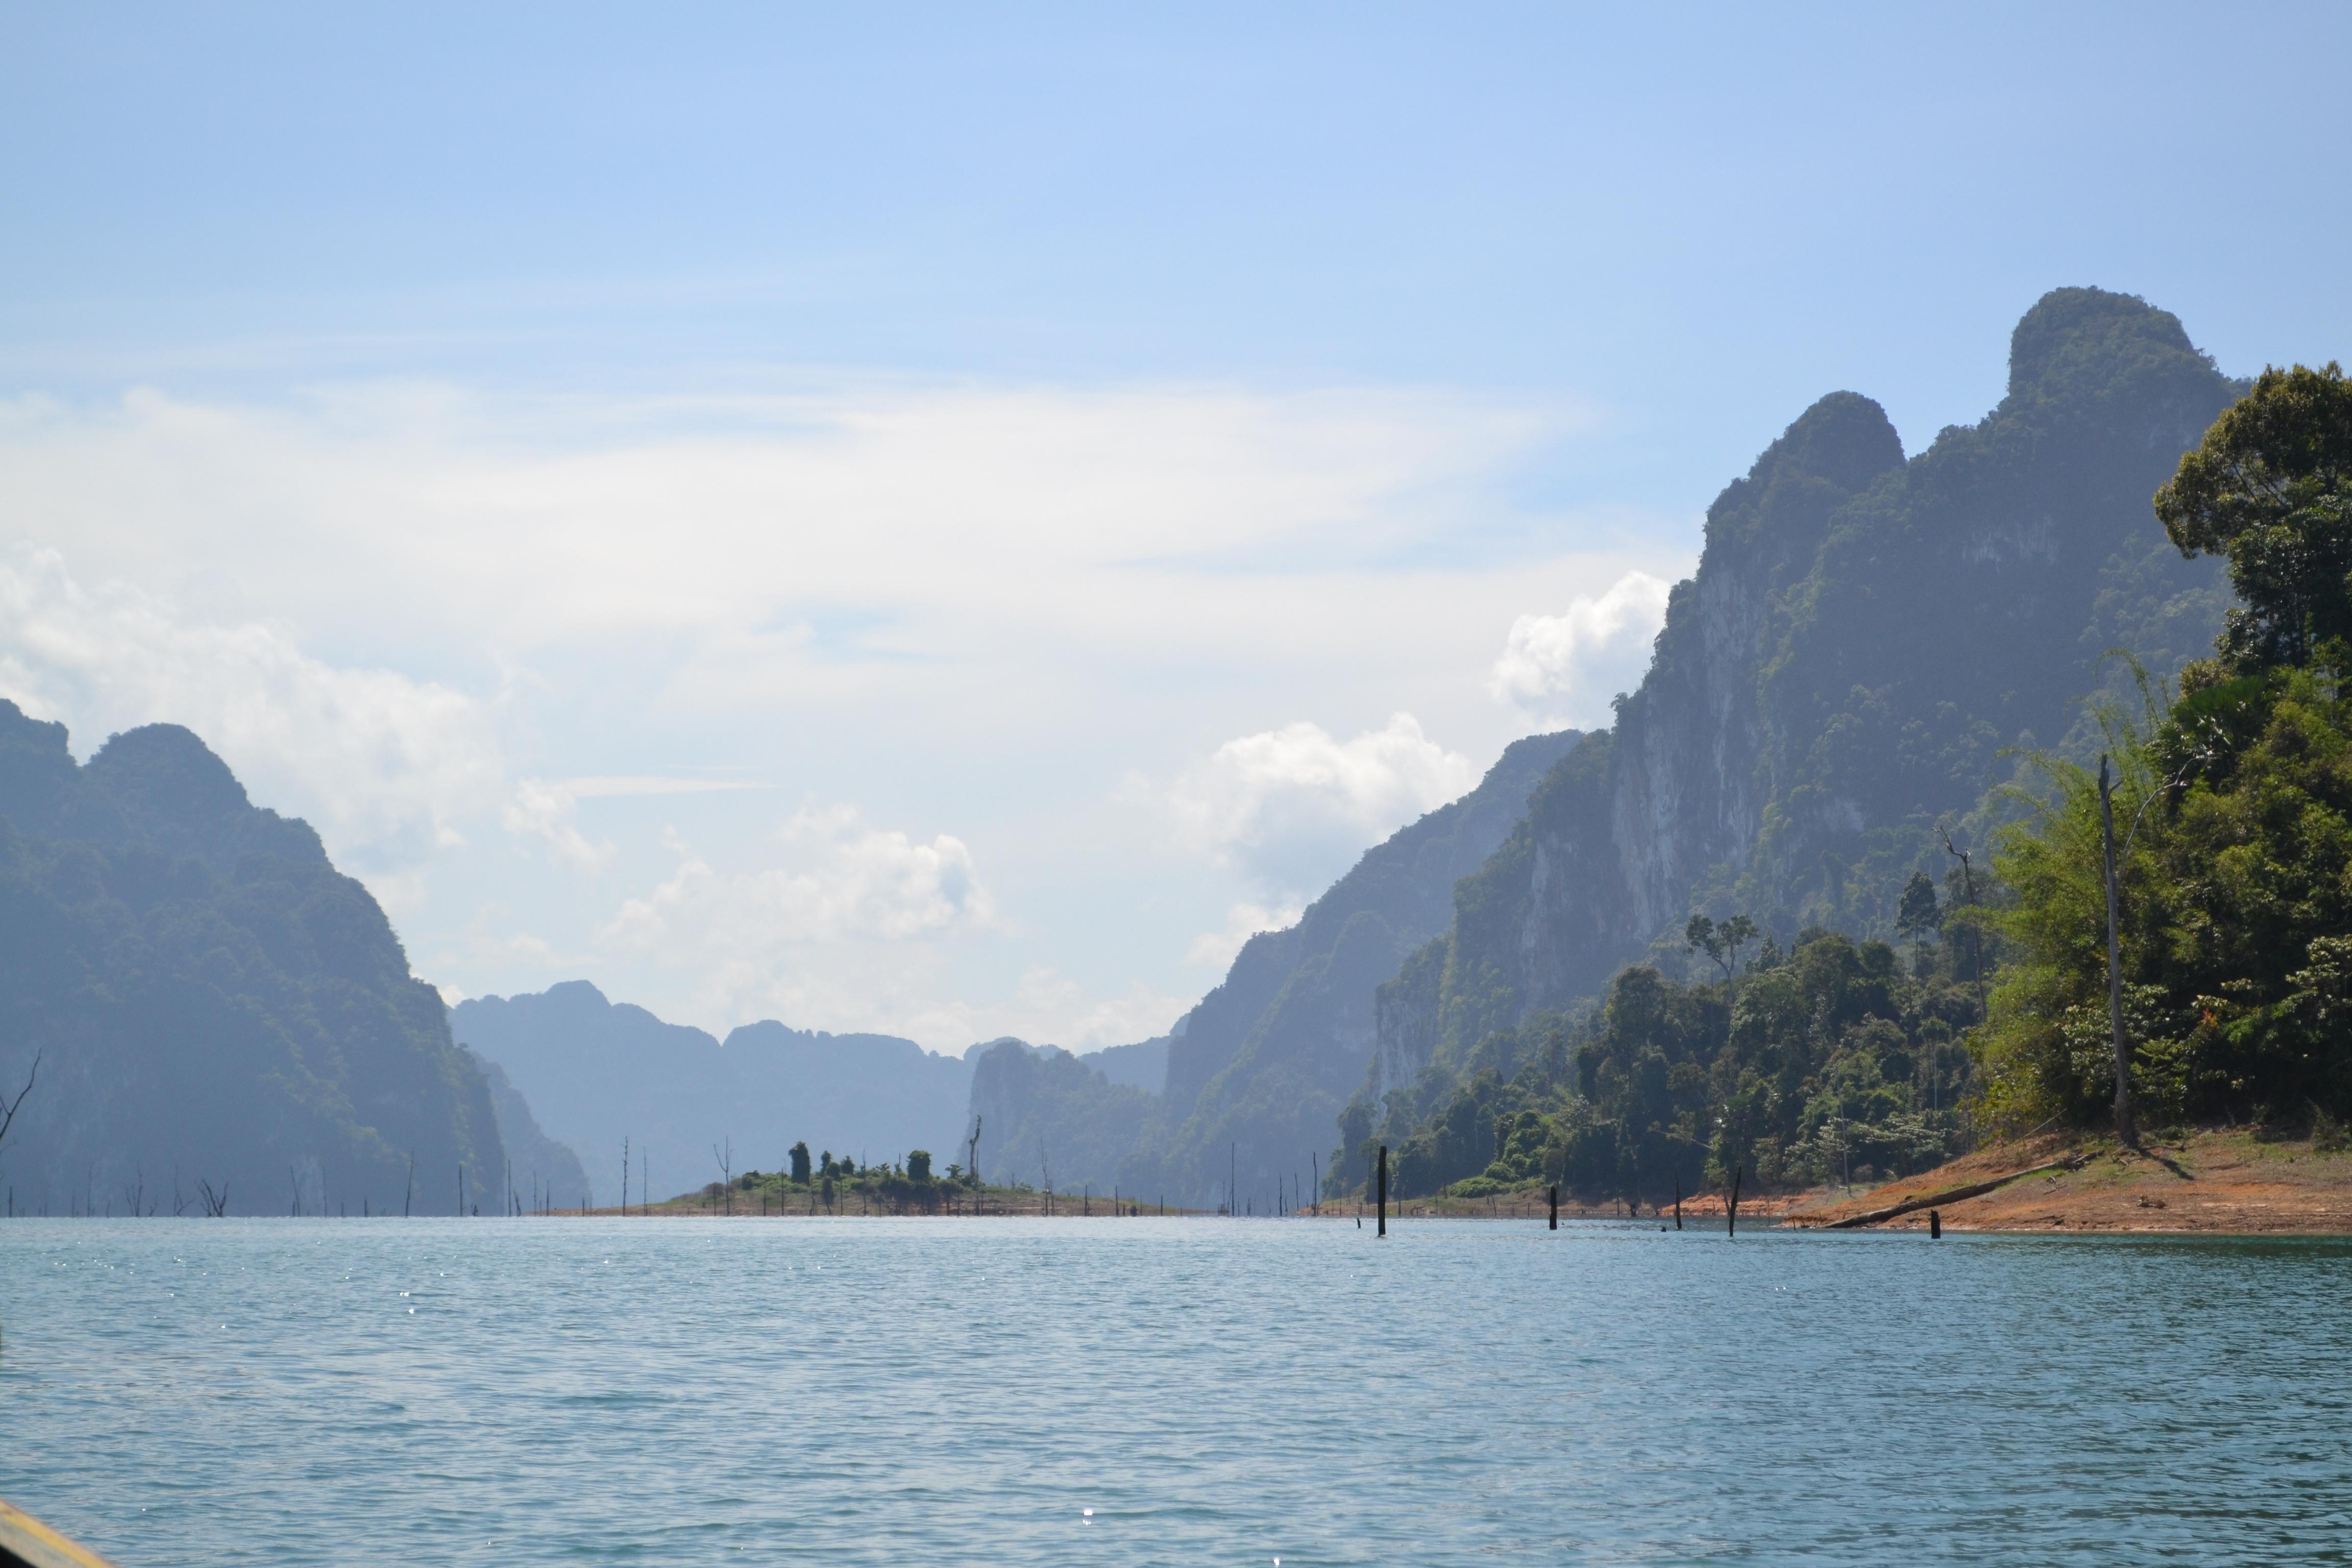 dzungla w Tajlandi, tajlandia, khao sok